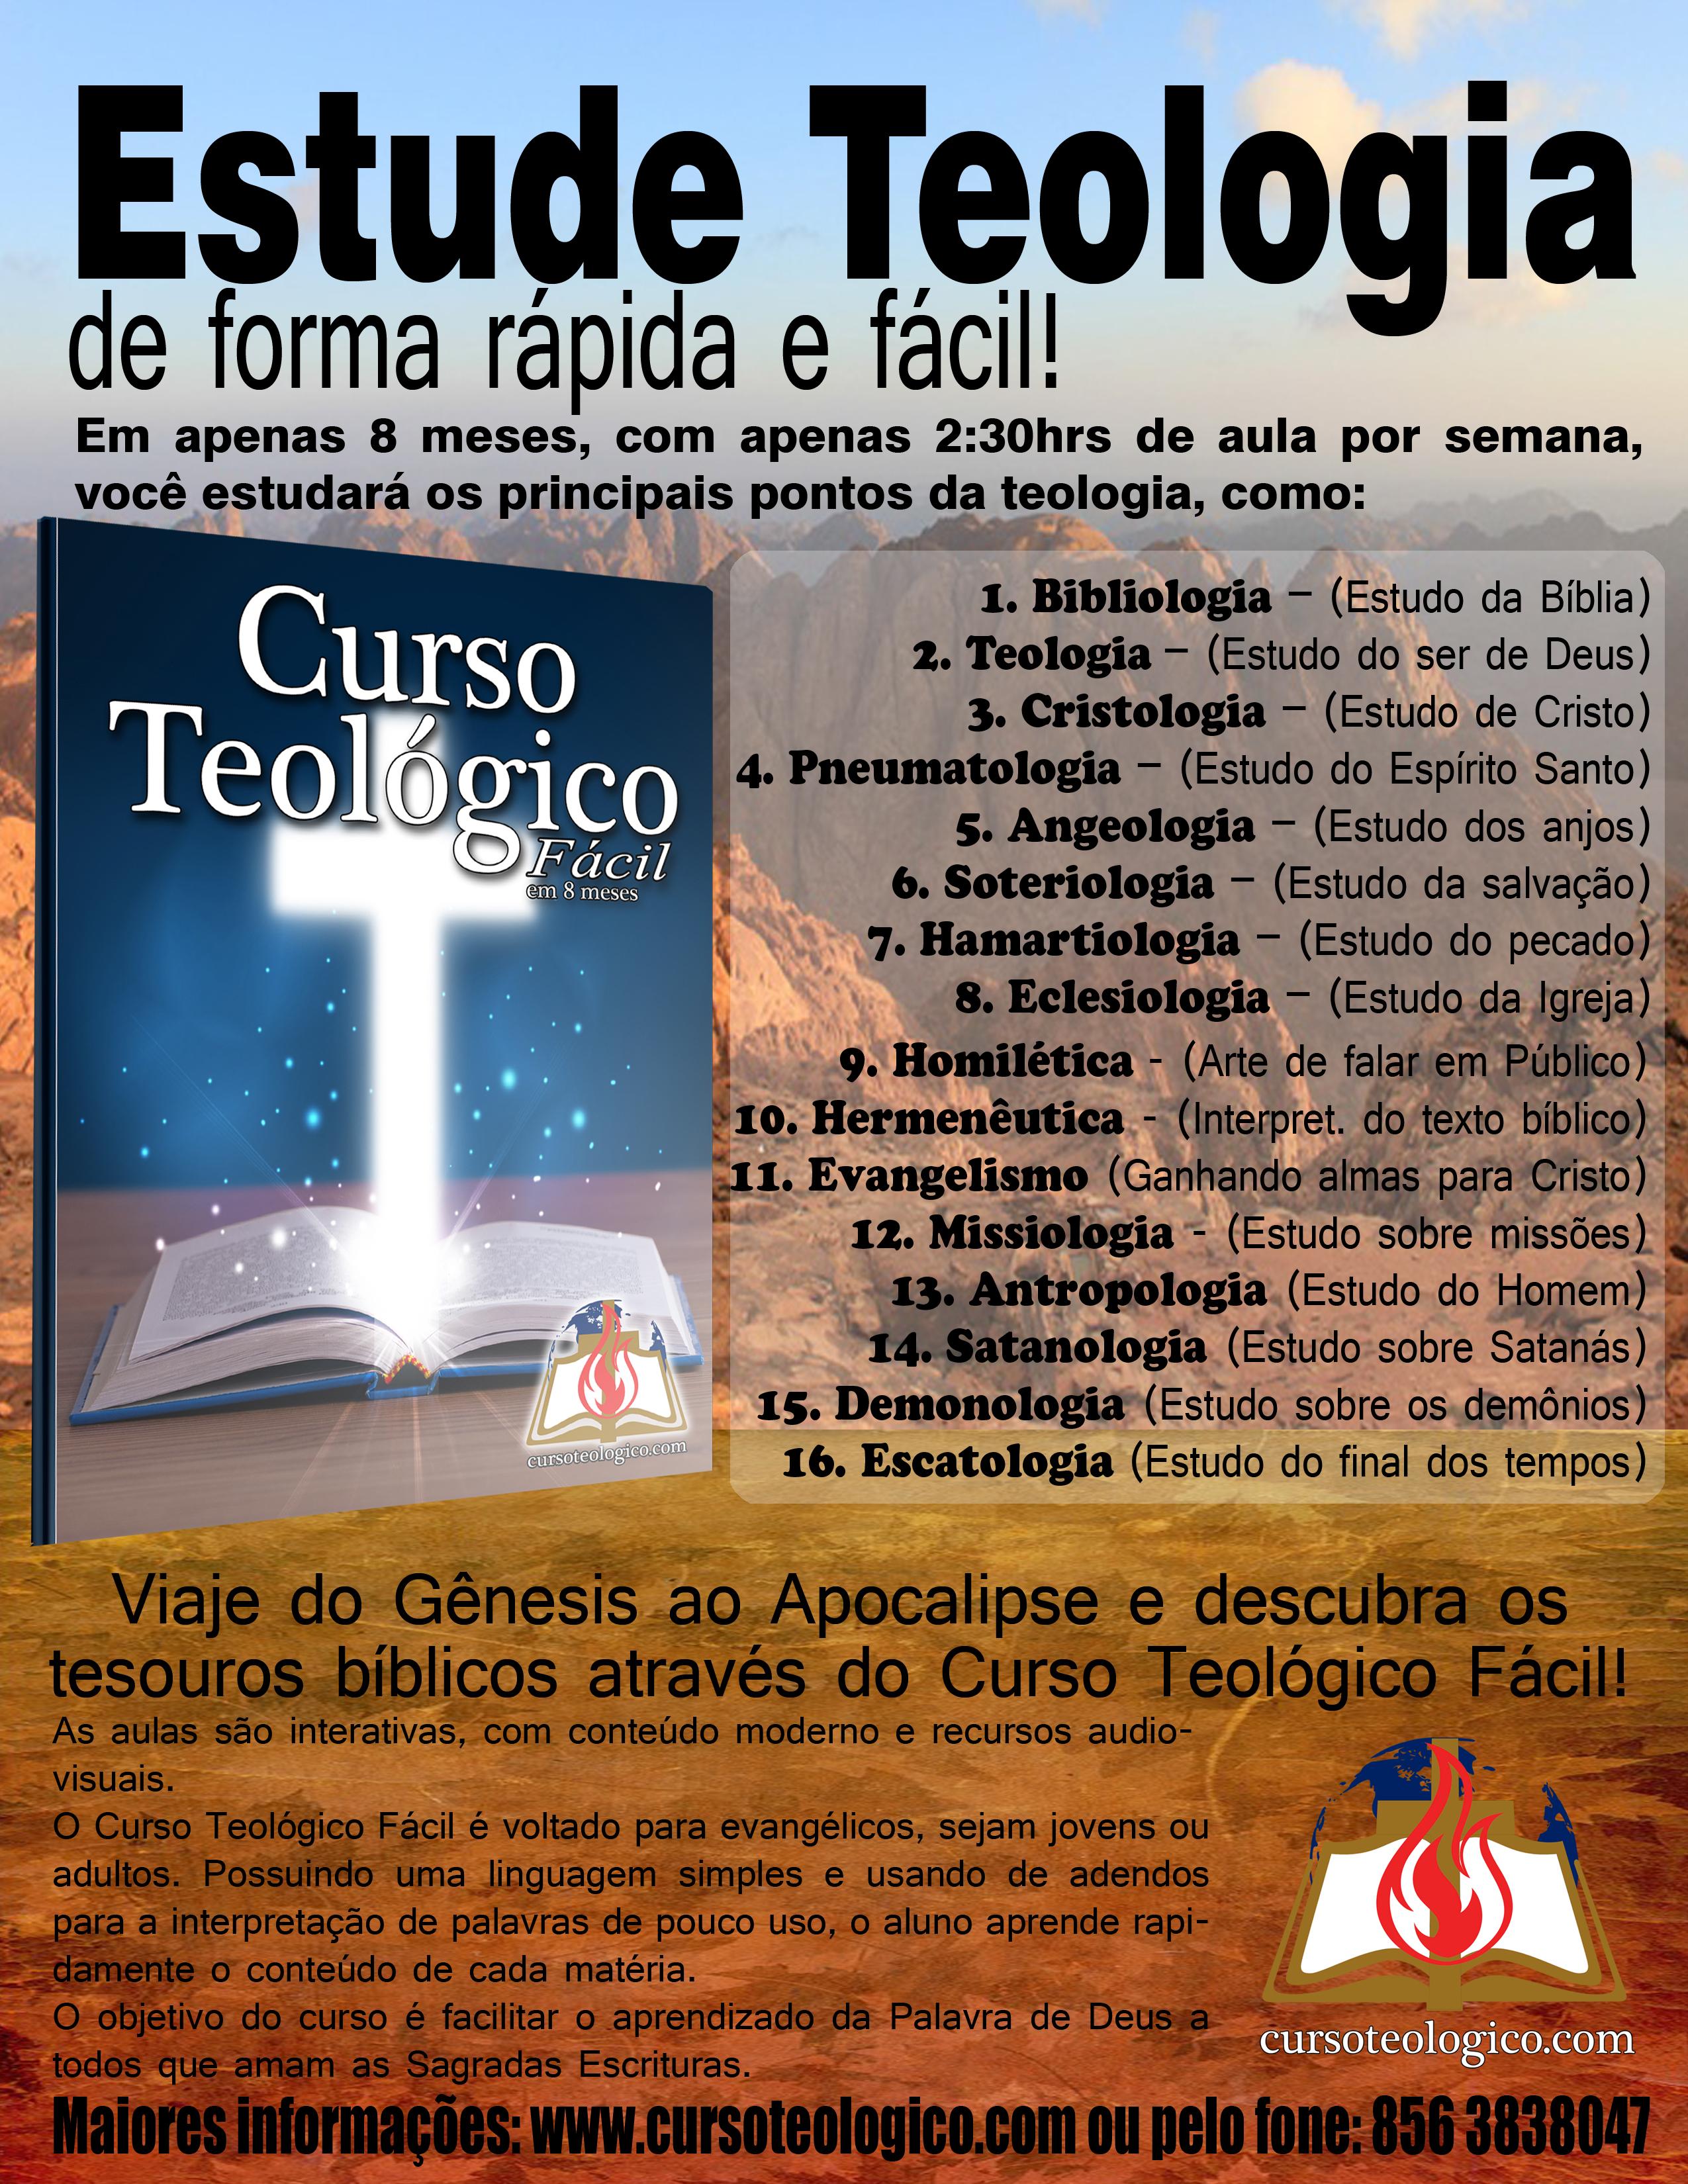 Curso Teológico Fácil - Cristologia I e II - Pneumatologia I e II